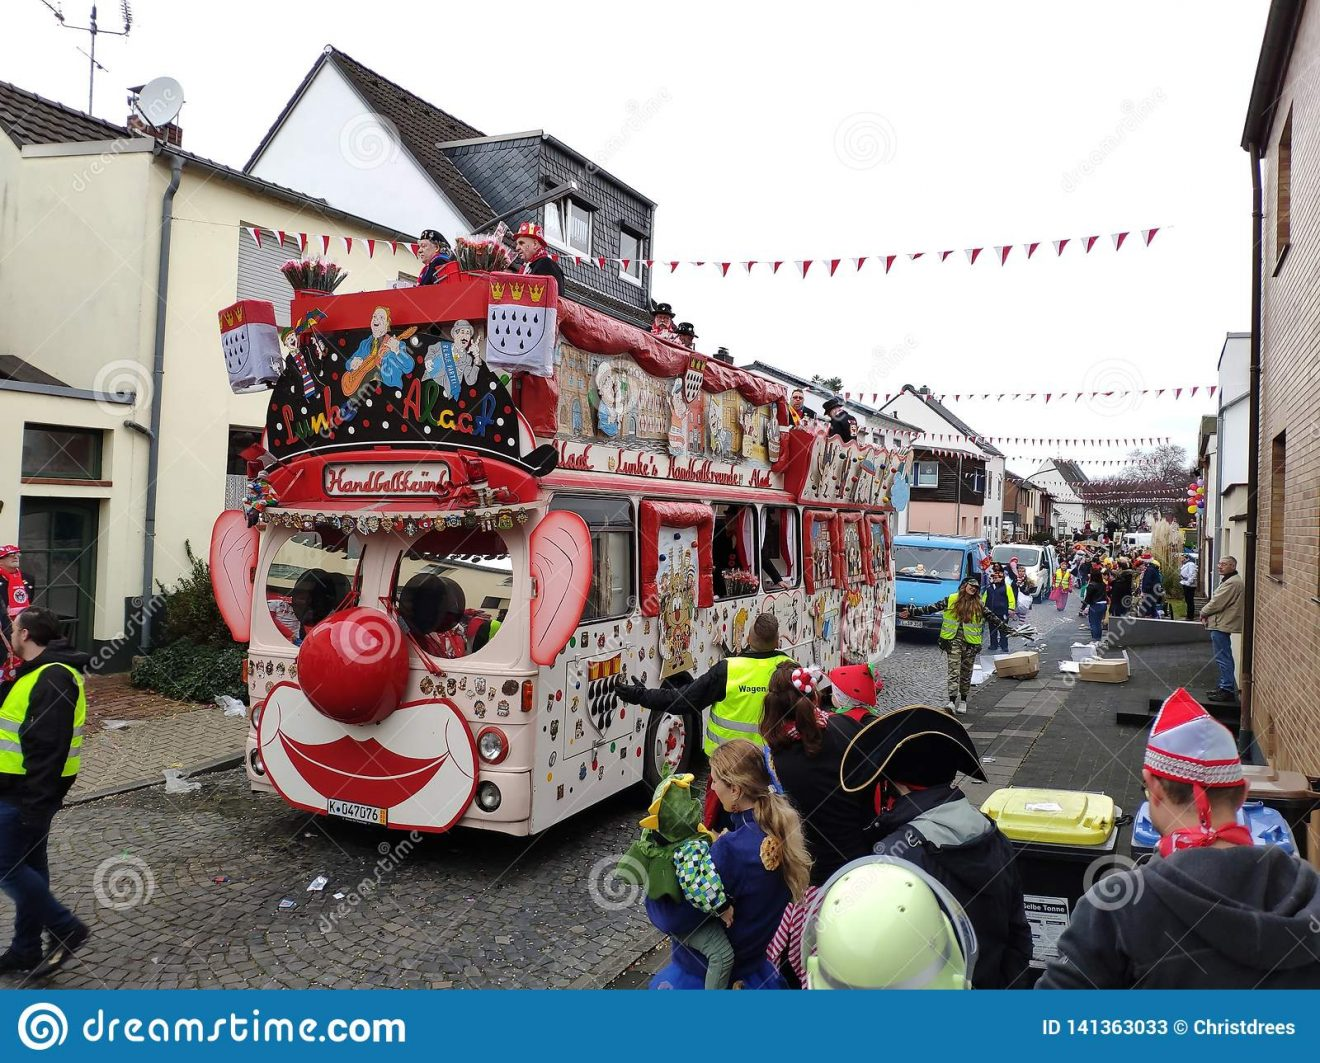 het-een-bus-reuzeclown-keulen-duitsland-maart-traditionele-straat-carnaval-niet-geïdentificeerde-mensen-vlotters-toejuichen-141363033